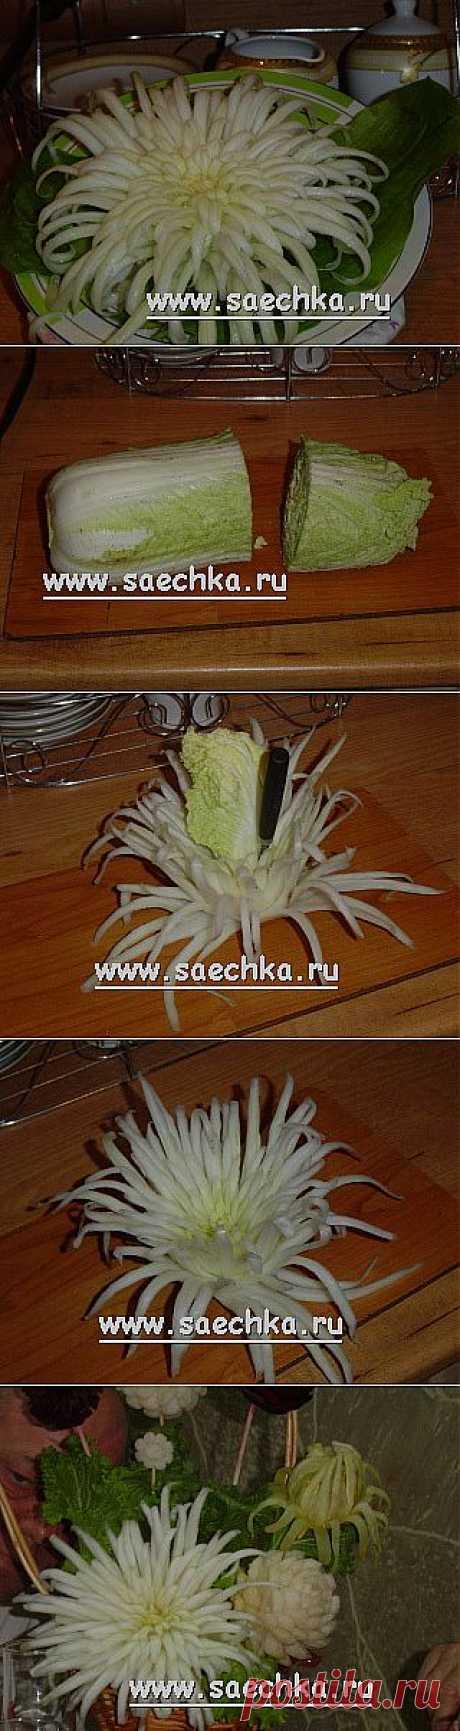 Хризантема из пекинской капусты | рецепты на Saechka.Ru